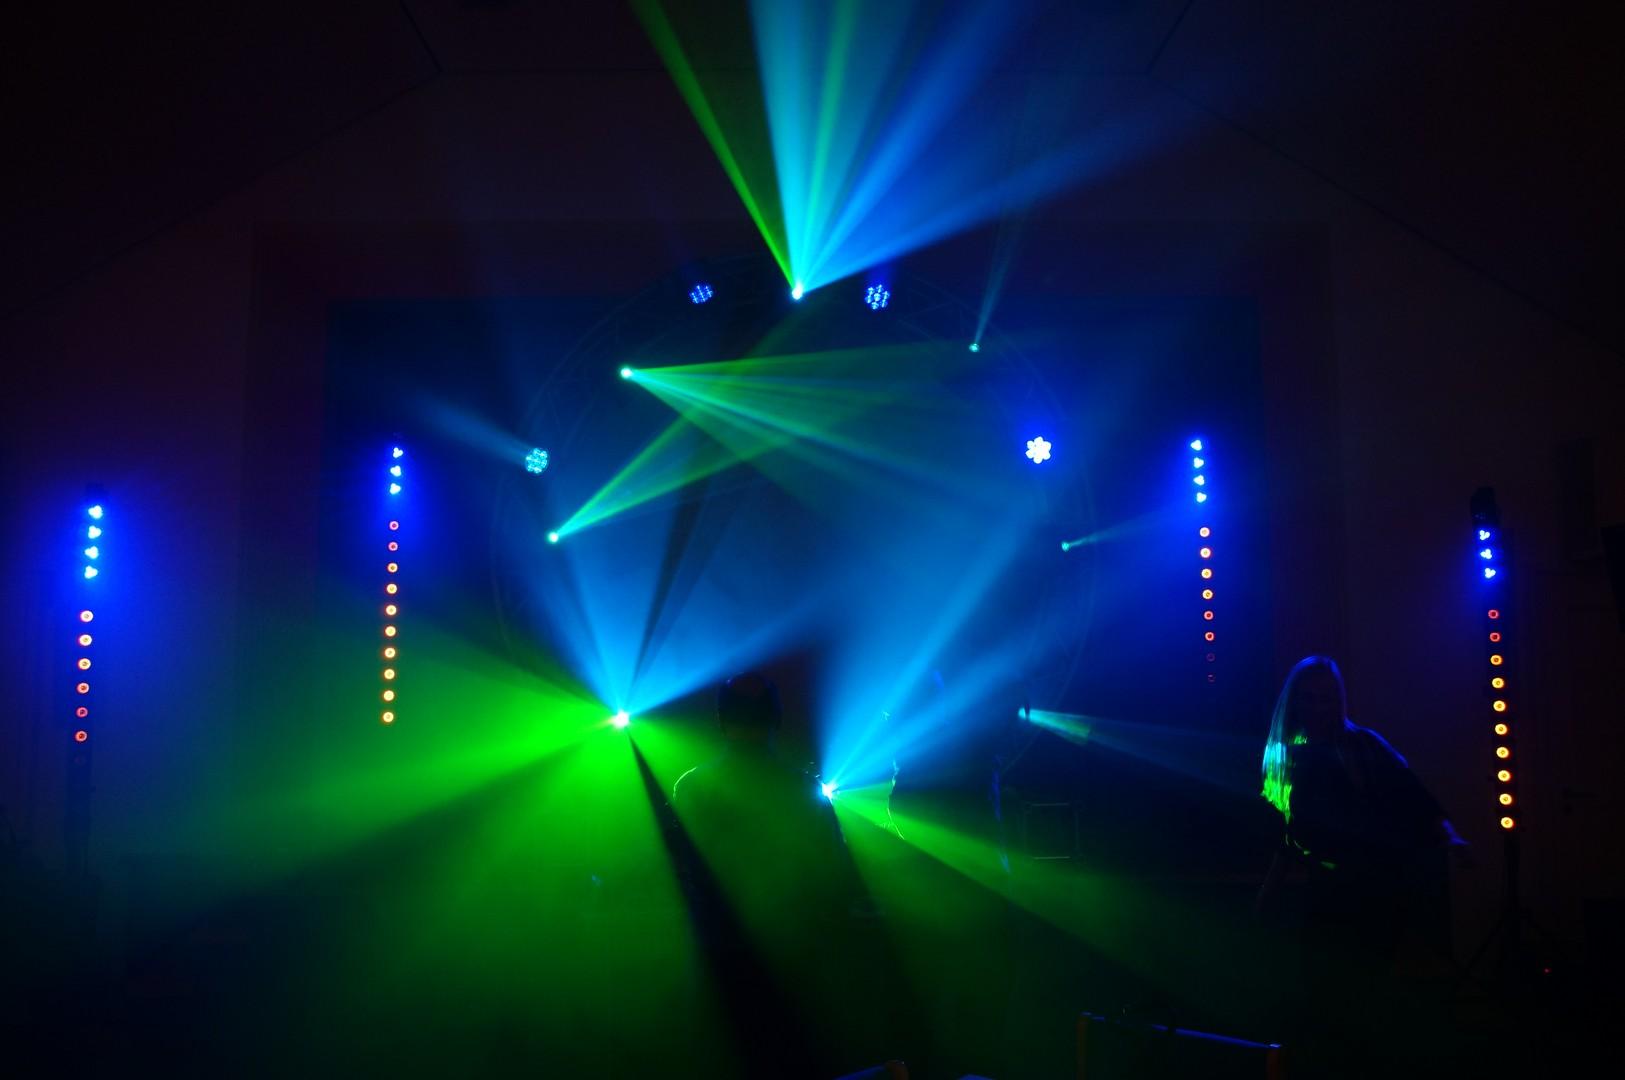 Bühnenaufbau mit professionaller Lichttechnik